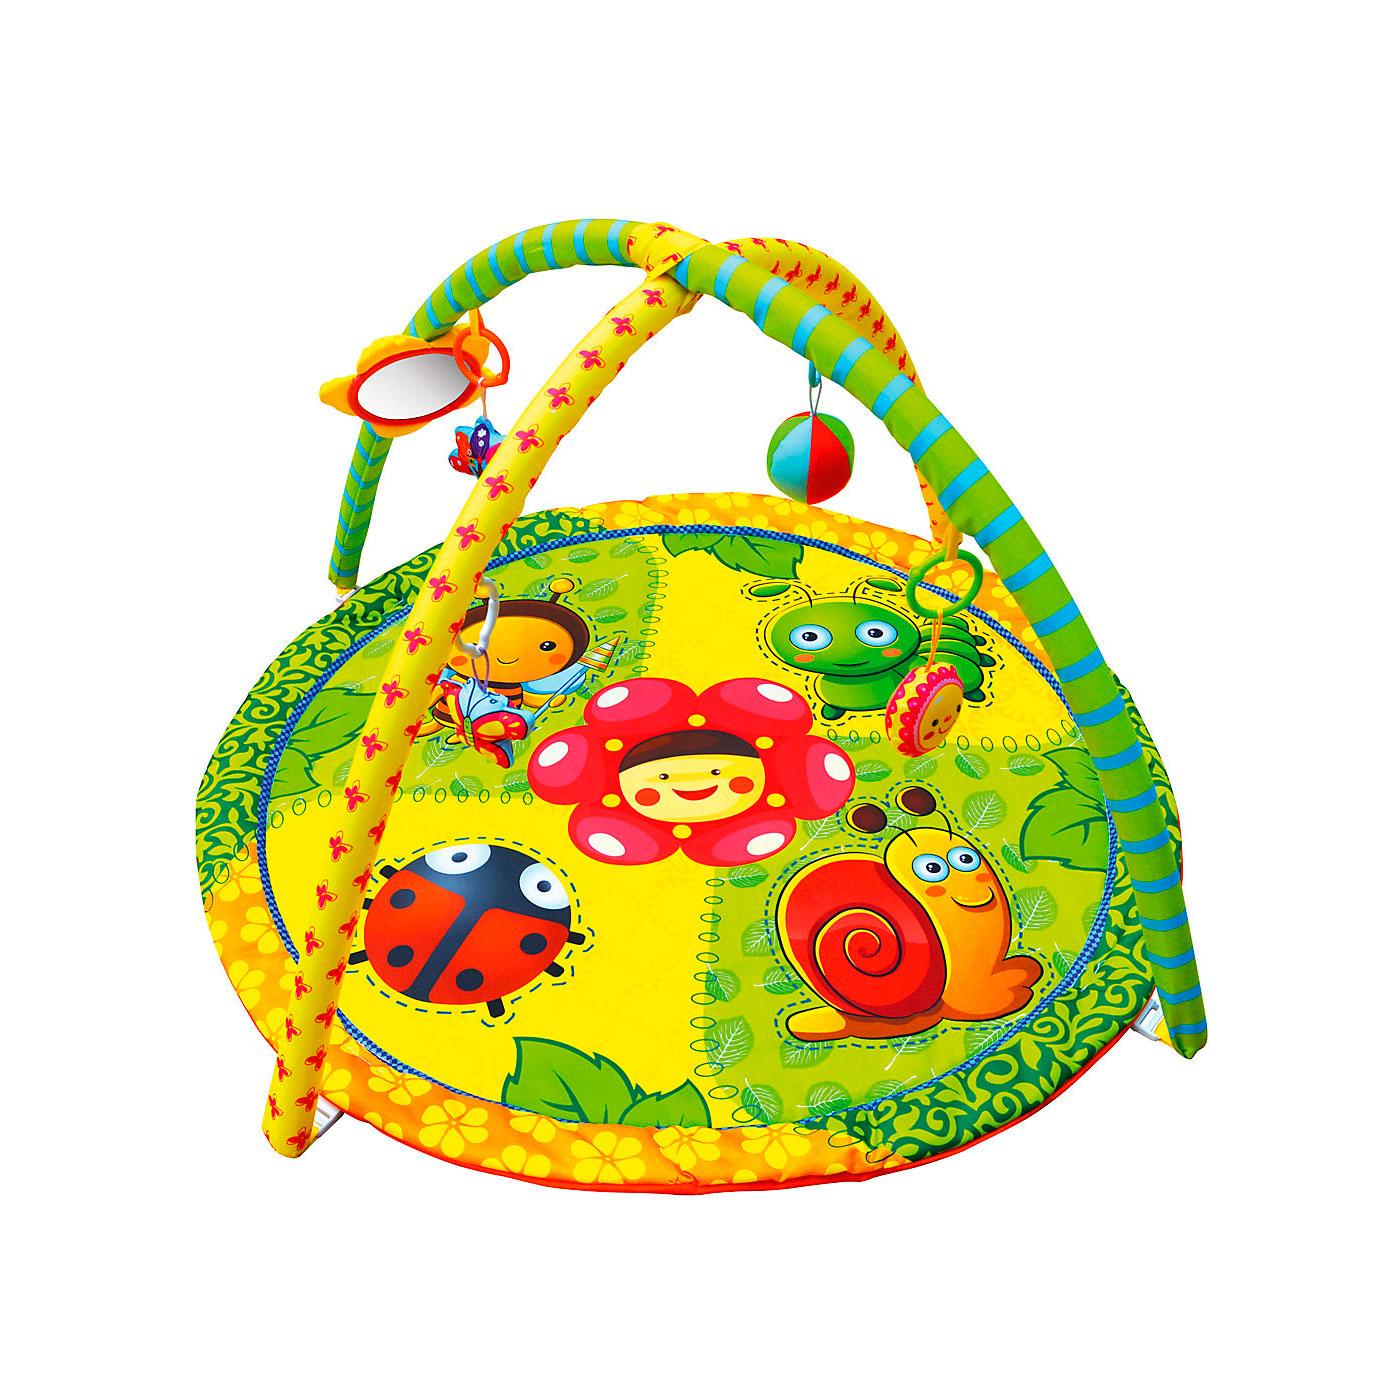 Развивающий коврик ToyMart с игрушками Весёлая полянка<br>